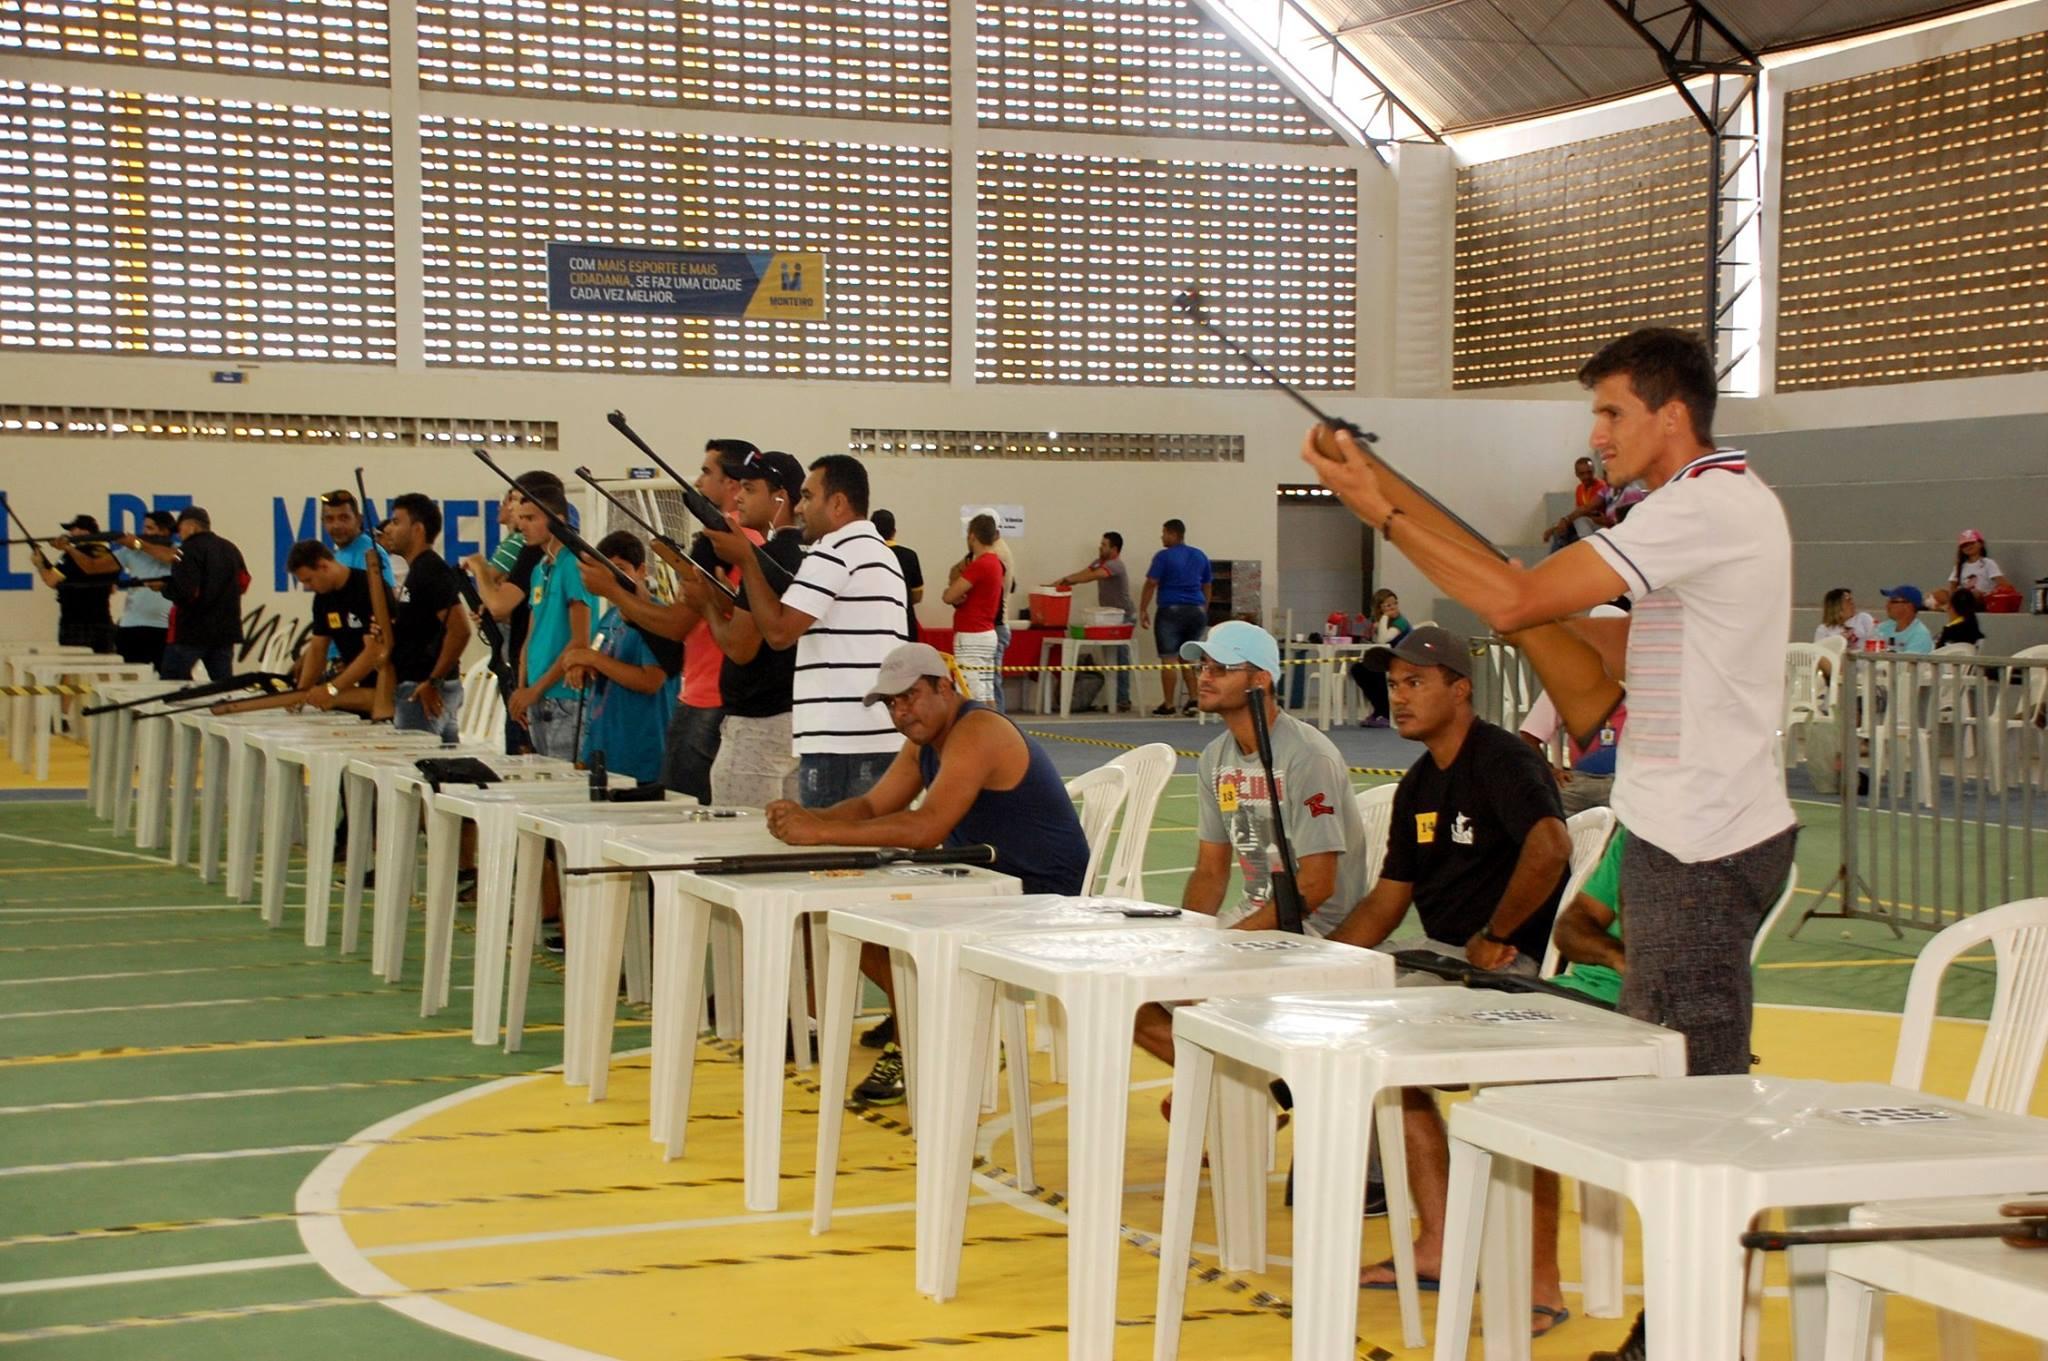 18768191_1889324561340734_6468302097174096098_o-1-300x199 Participantes comemoram o sucesso do Torneio de Tiro Esportivo de Monteiro